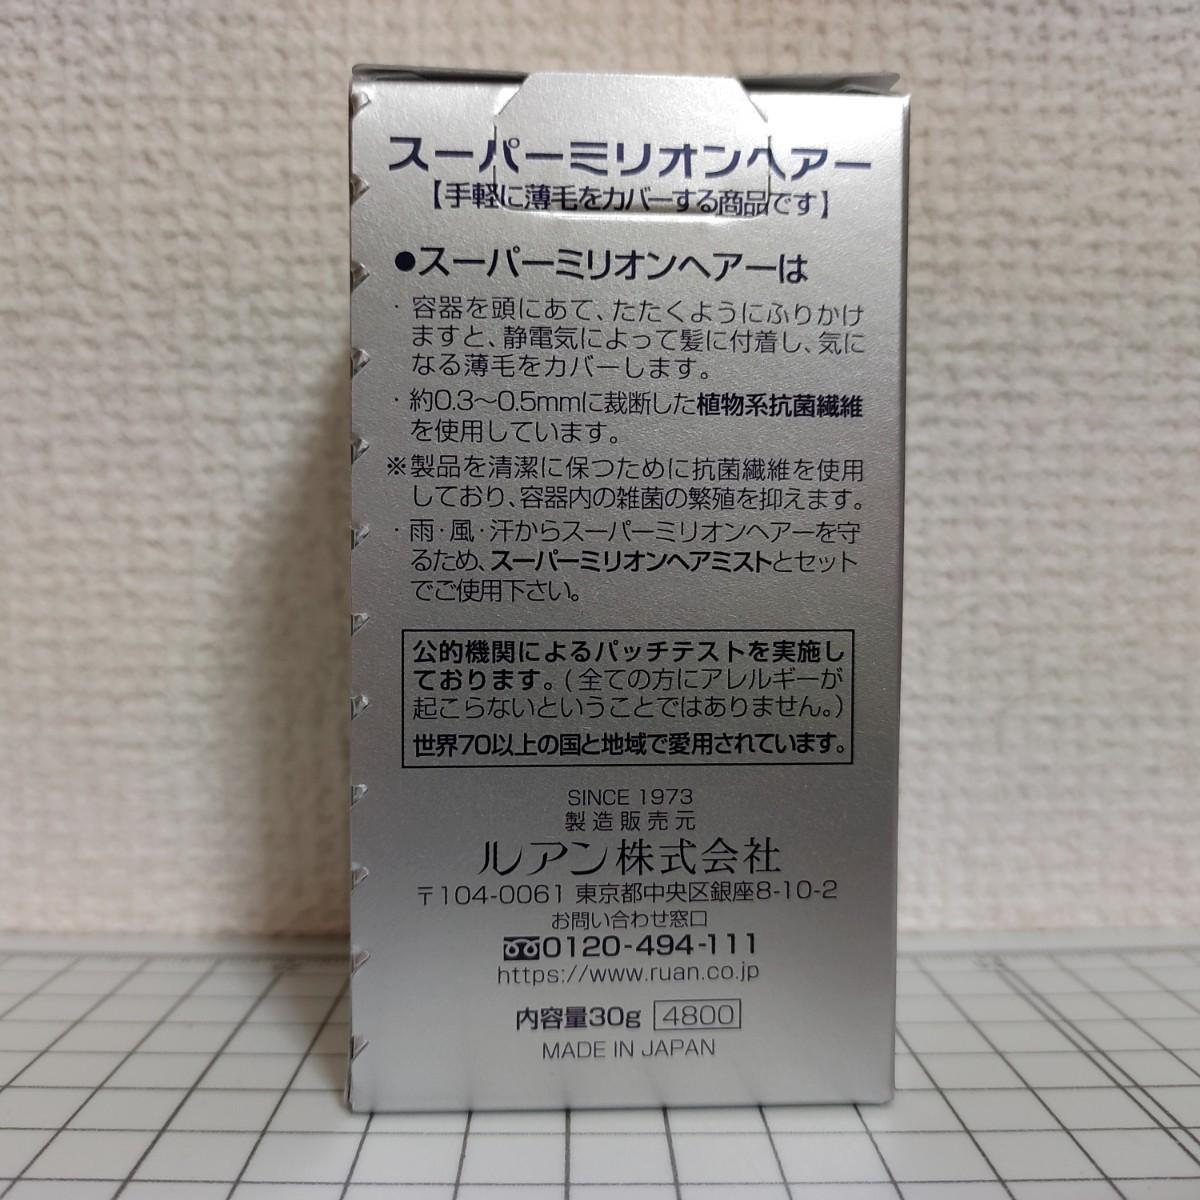 スーパーミリオンヘアー ブラック 30g 6箱 新品・未開封